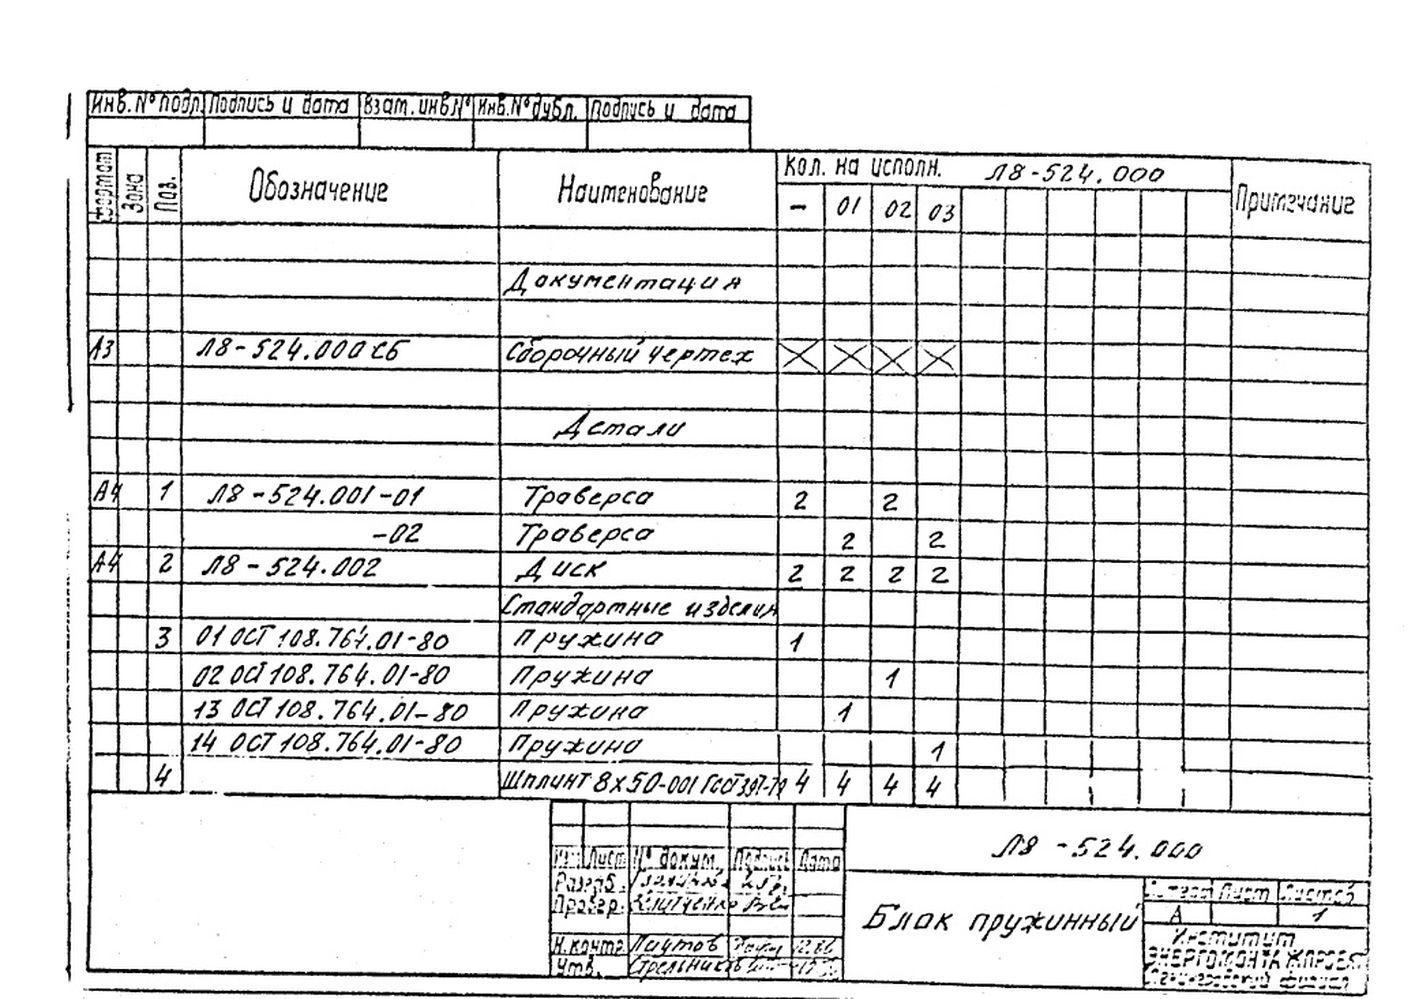 Блоки пружин Л8-524.000 стр.2